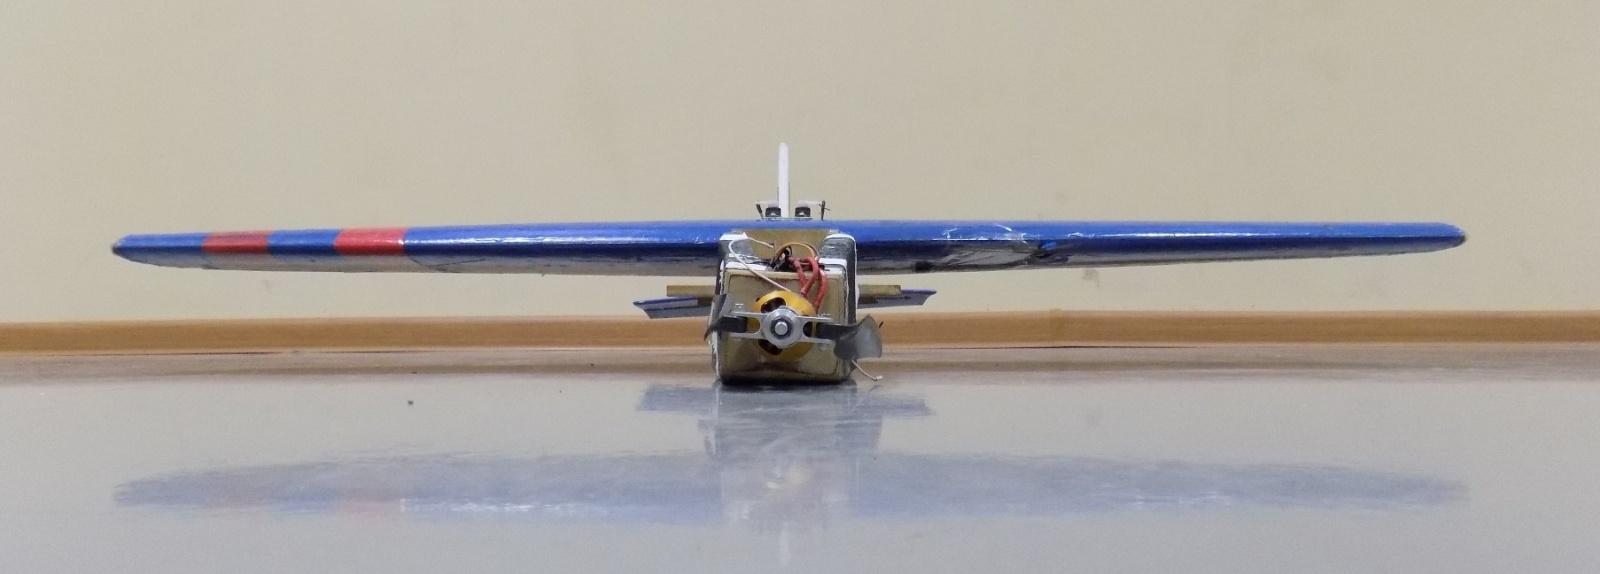 Пилотажный ДПЛА. Часть 2. Простейшая модель движения для выполнения бочки - 39